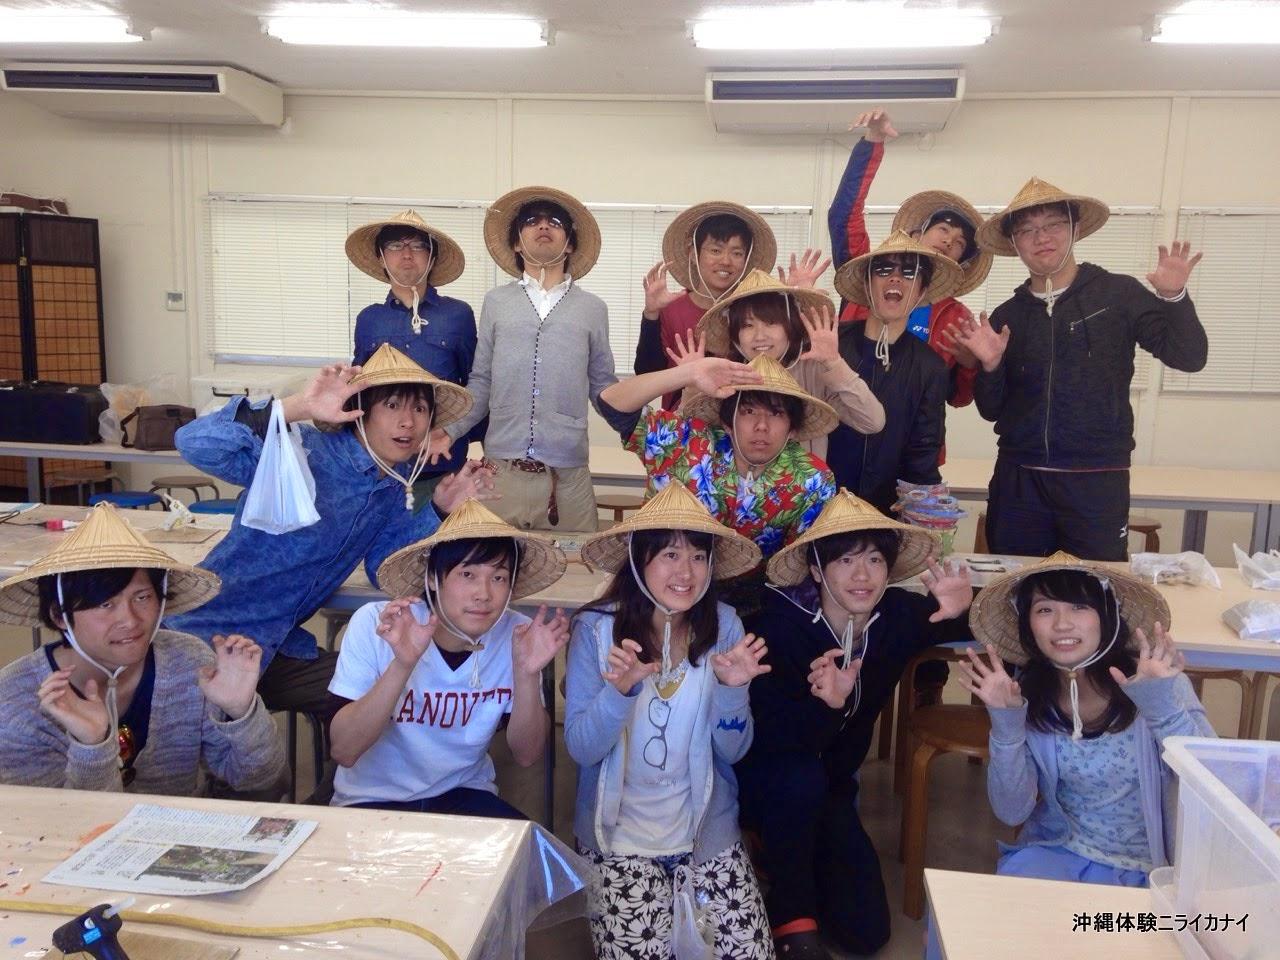 沖縄卒業旅行でサトウキビ刈り体験